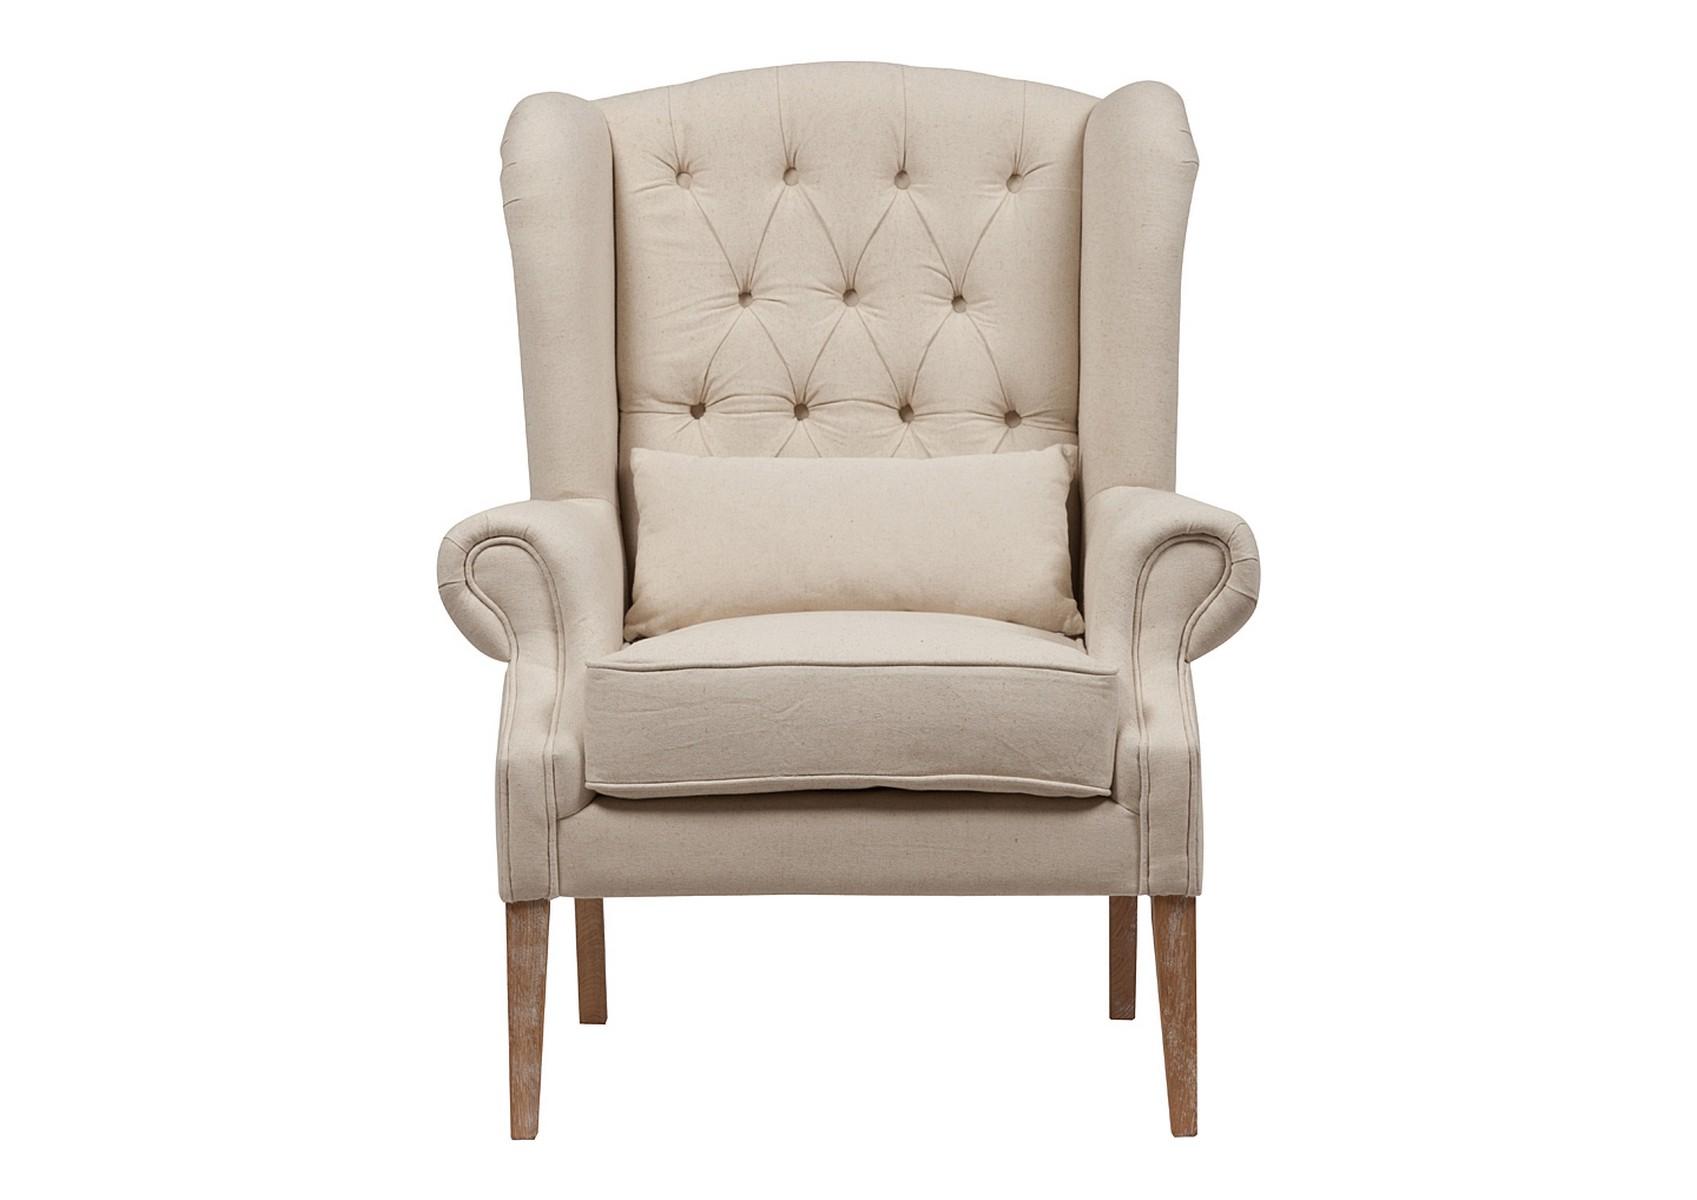 Кресло Wing Back ArmchairКресла с высокой спинкой<br>Материал каркаса: дуб<br><br>Material: Лен<br>Width см: 97<br>Depth см: 94<br>Height см: 114